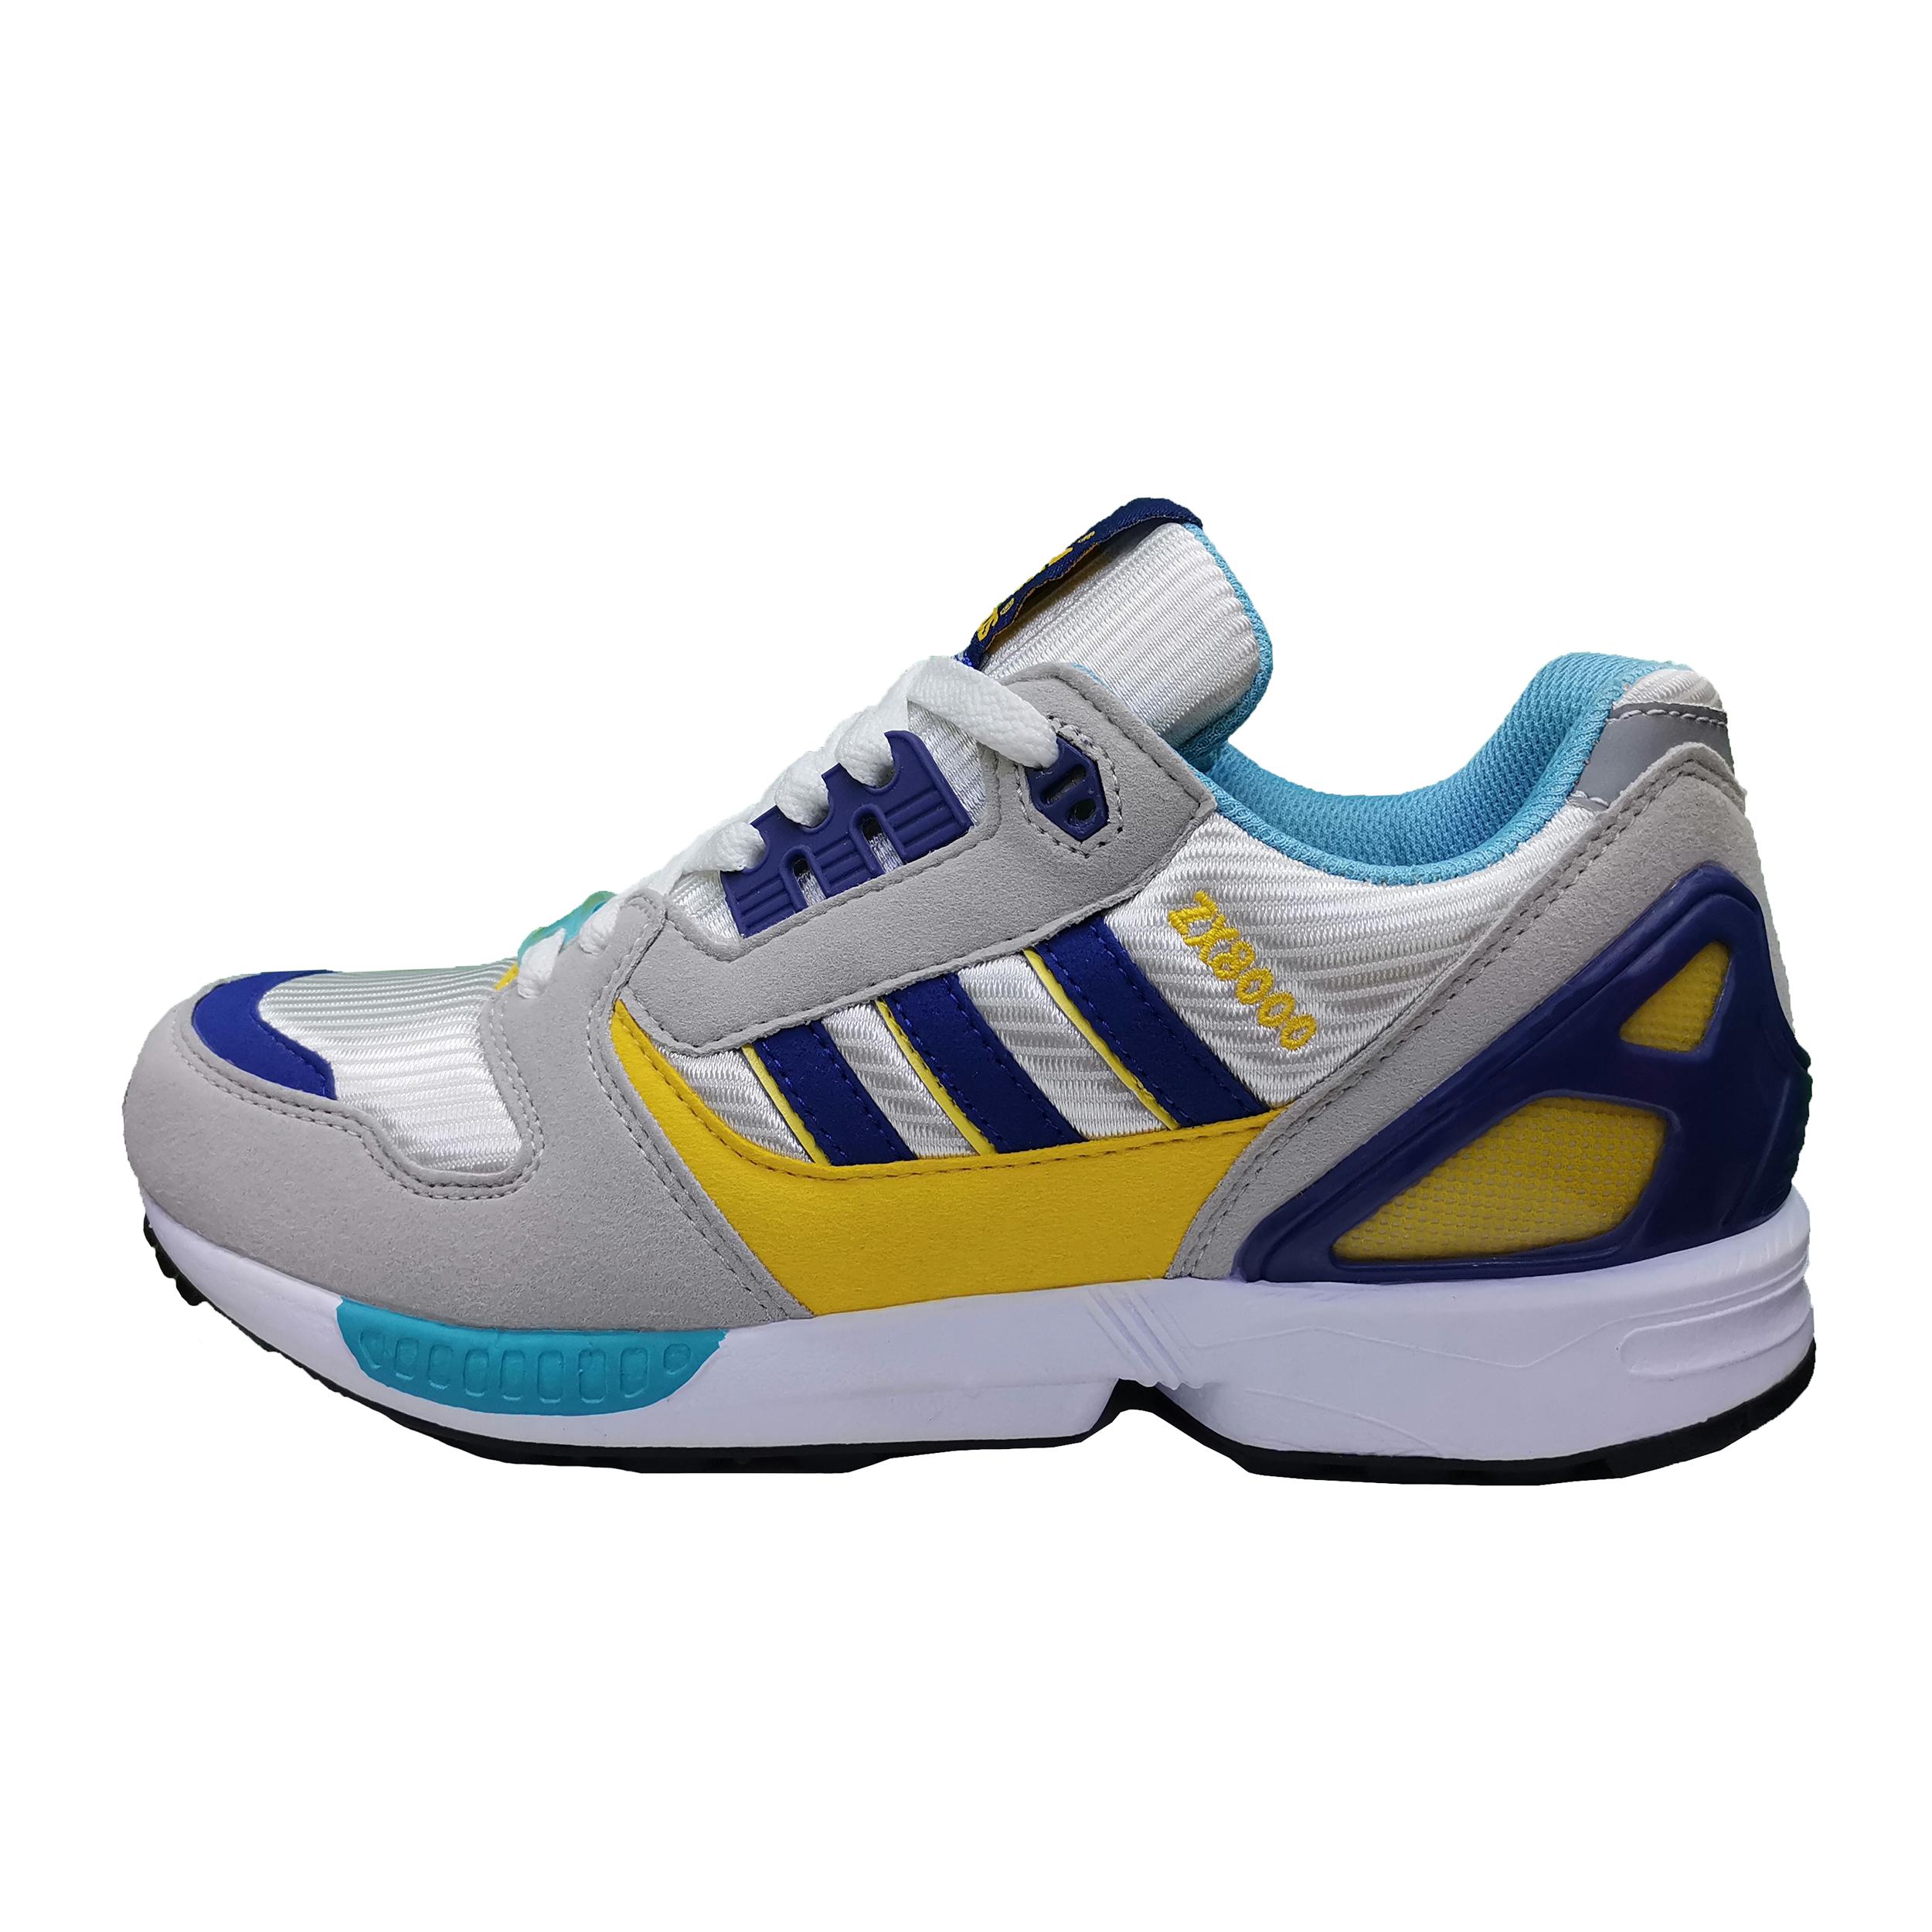 خرید                     کفش مخصوص پیاده روی مردانه آدیداس مدل zx 8000 کد okini 8000